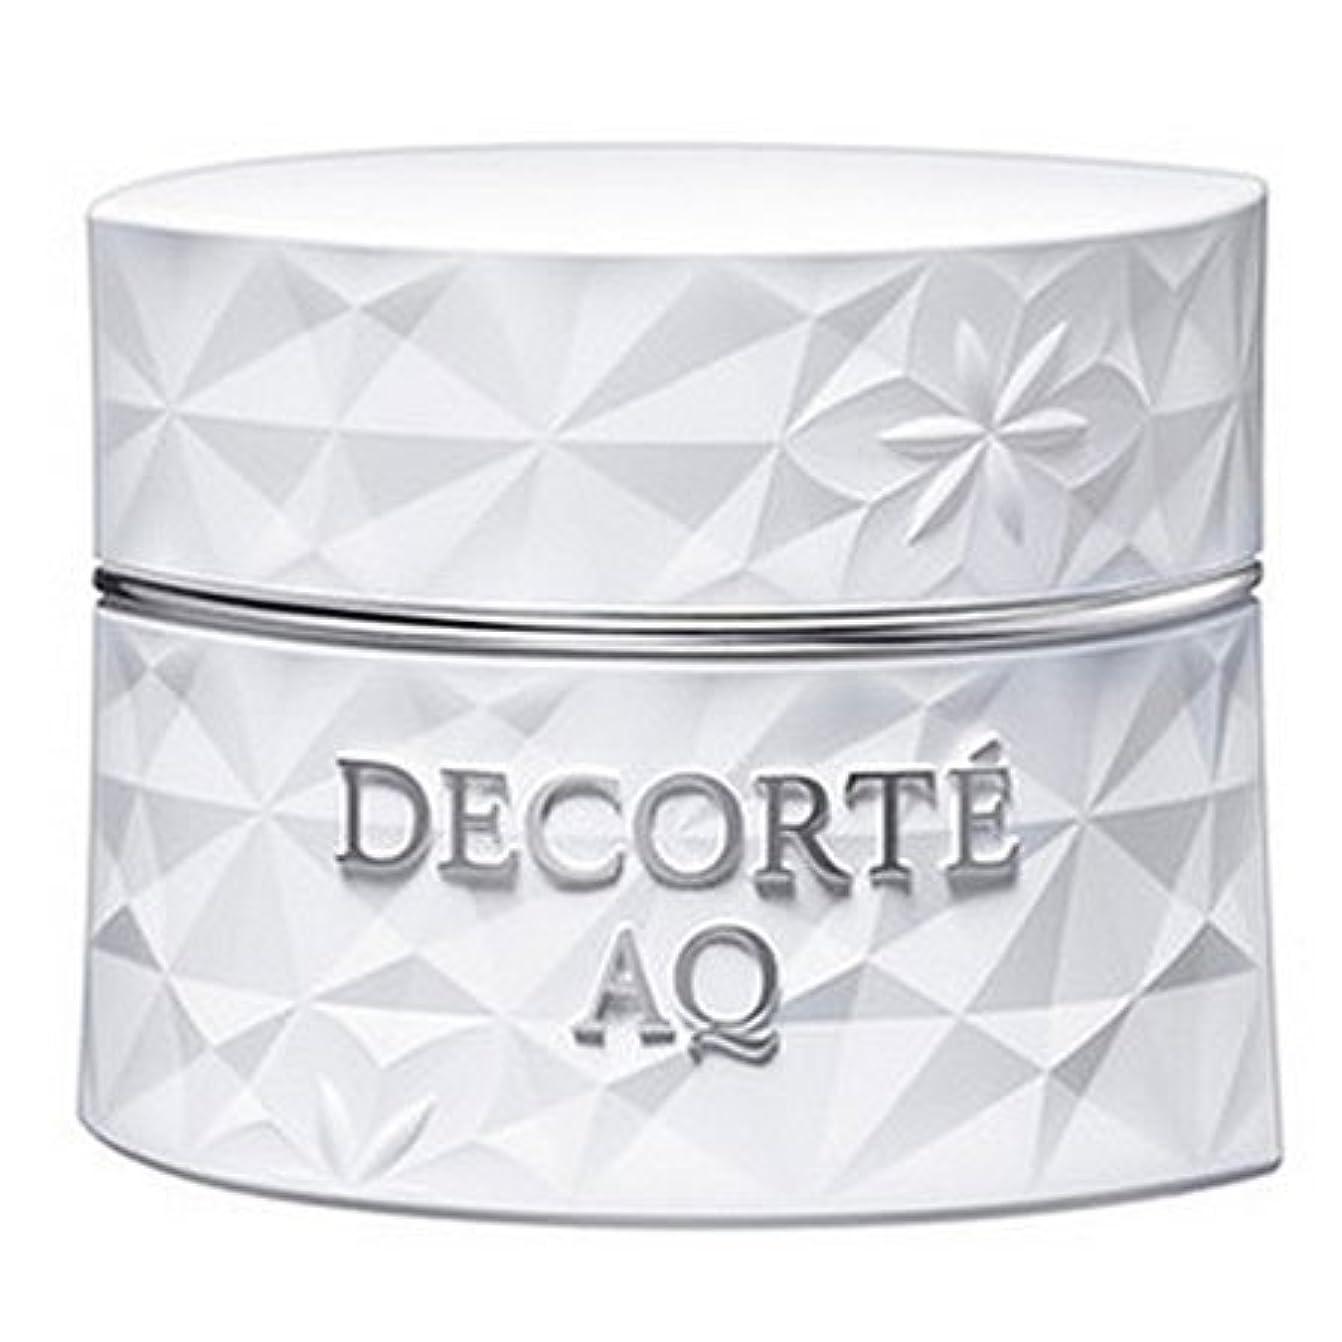 朝ごはん怪物強調コスメデコルテ AQ ホワイトニング クリーム 25g-COSME DECORTE-